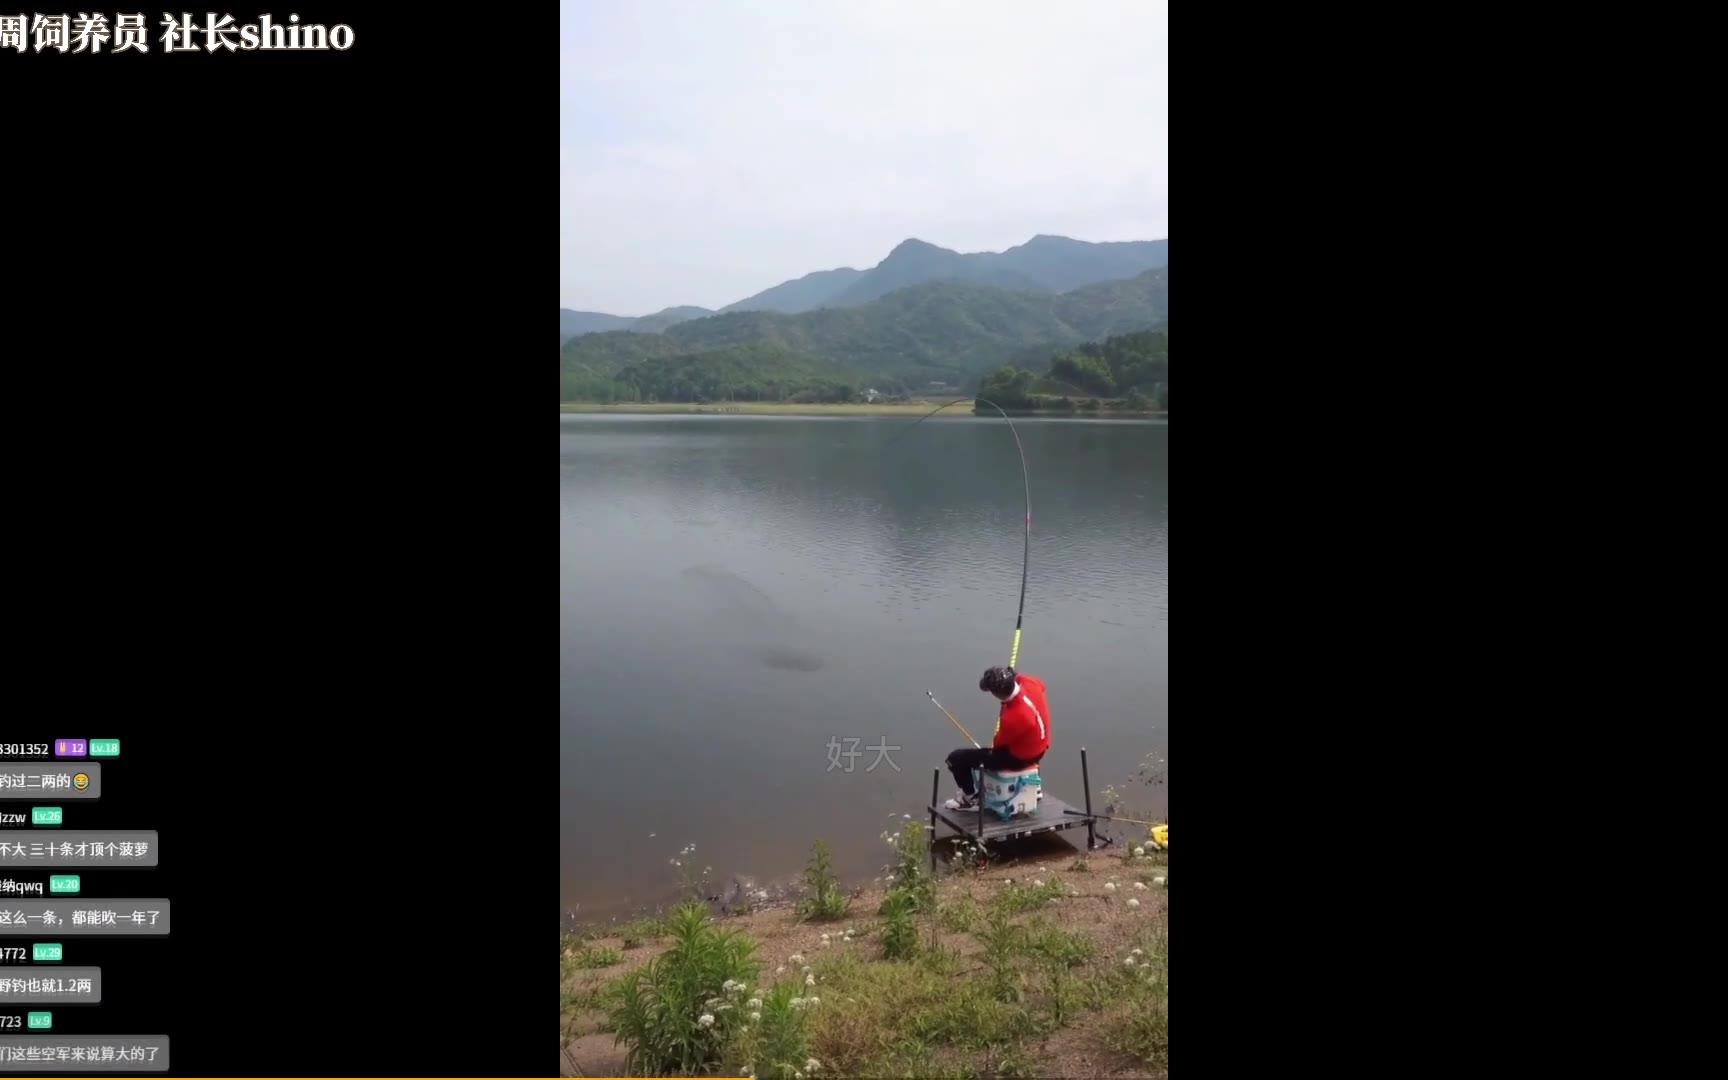 《钓到你了是吧!》菠菠看钓鱼视频太投入了,自己带入鱼了!水友:菠菠咬钩了!菠菠加油啊!别被抓